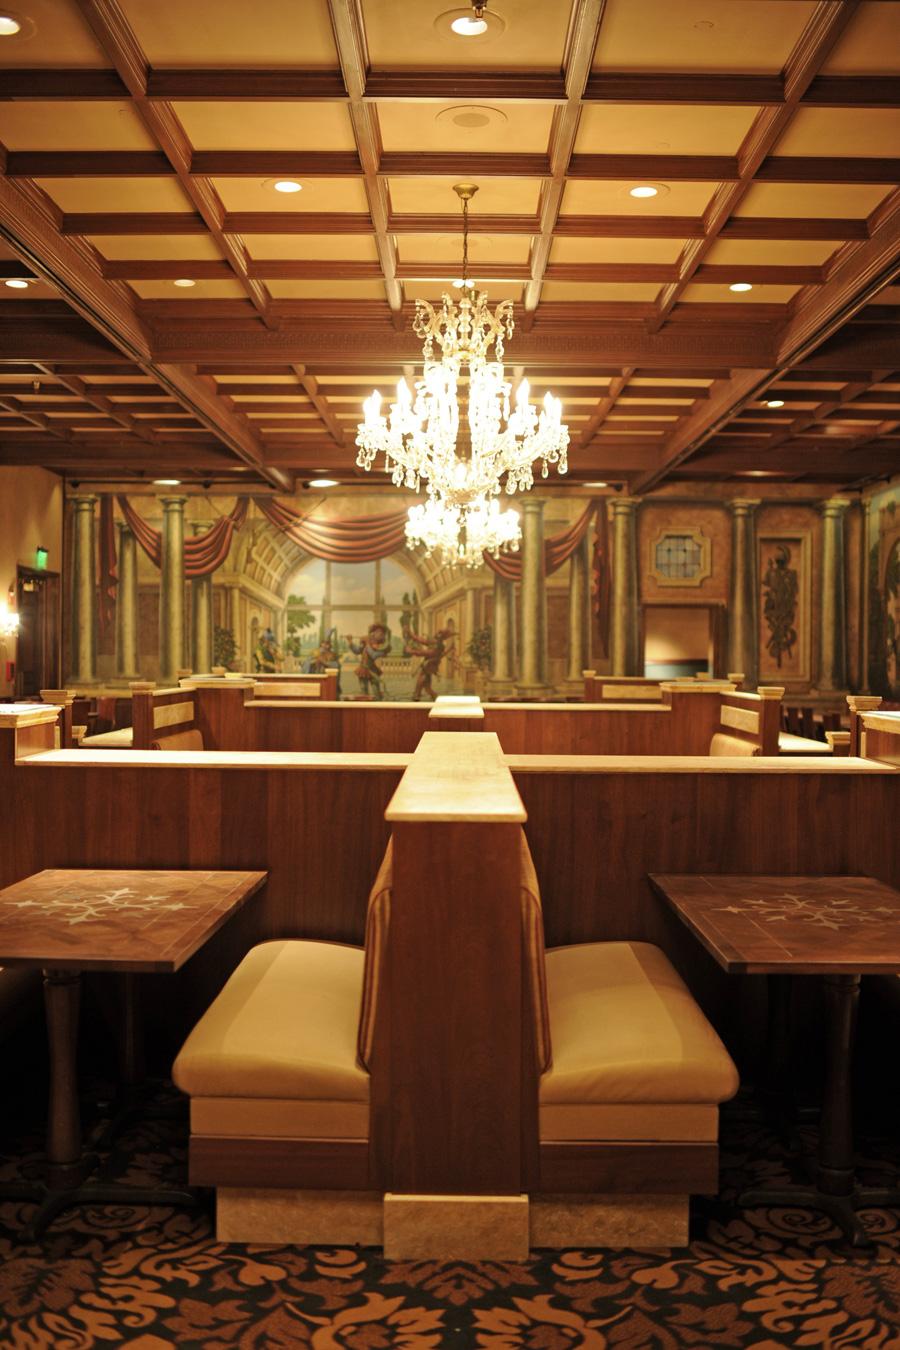 [Epcot] Nouvelles offres de restauration à Italy (Via Napoli, Tutto Gusto, nouvelle version de Tutto Italia) - Page 2 Tut778932LARGE